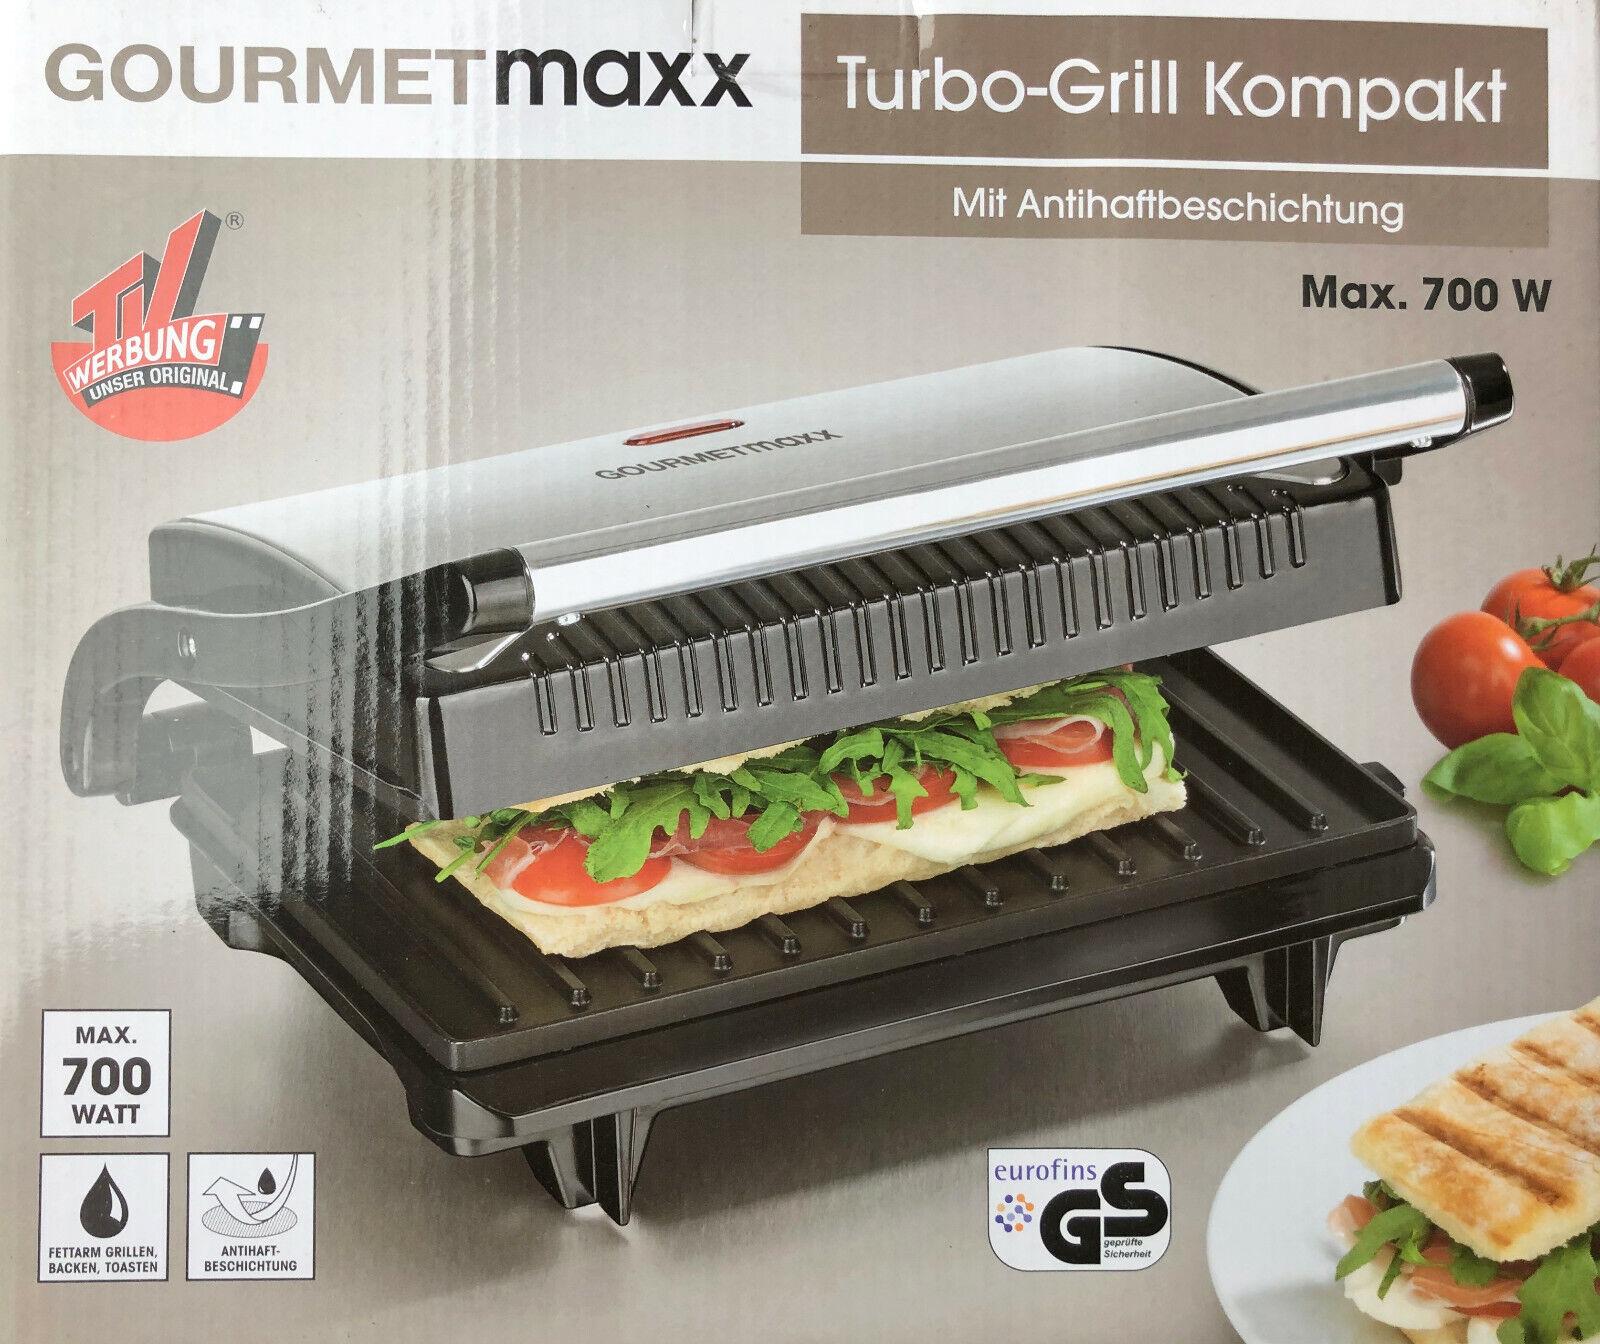 Gourmetmaxx Turbo Grill Kompakt 700 Watt Mit Antihaftbeschichtung Neu